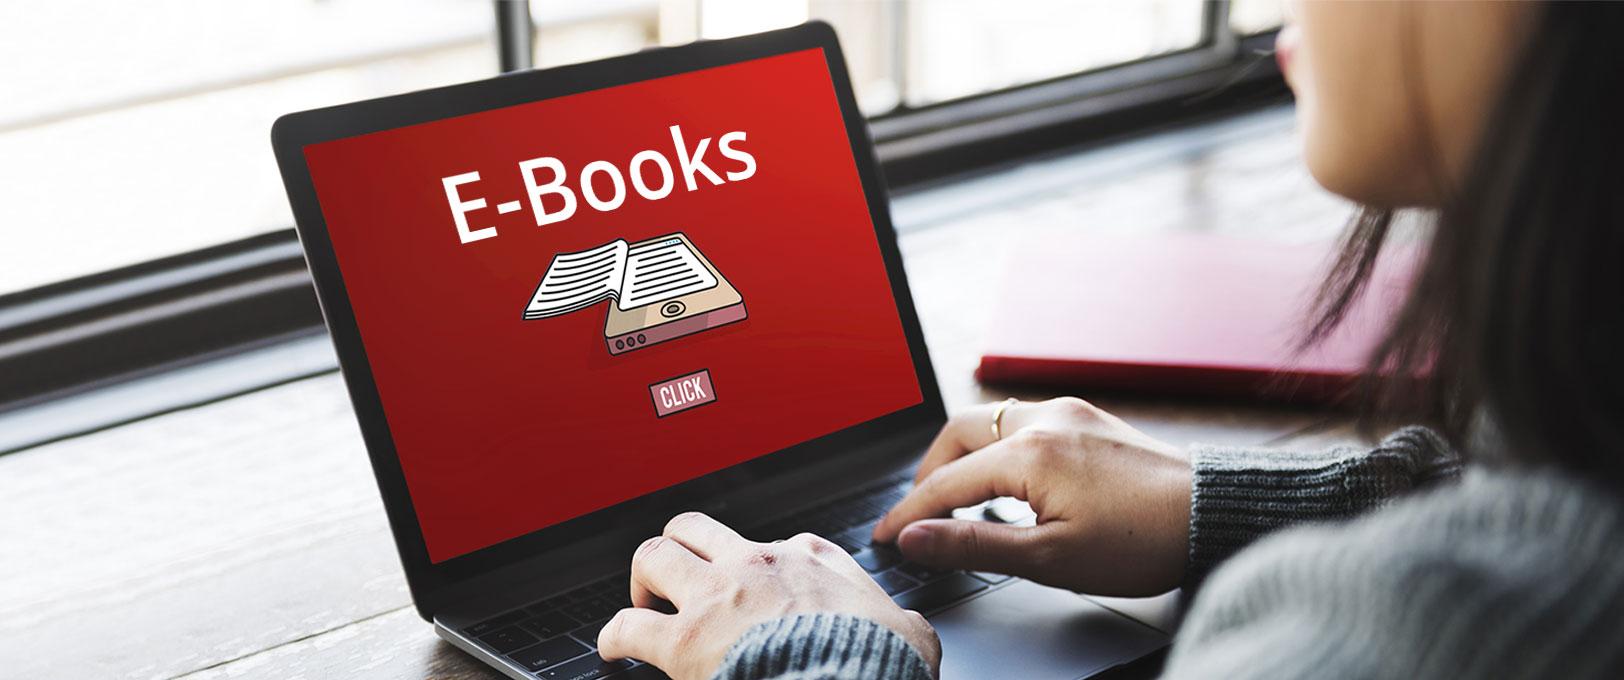 E-Books-Slider